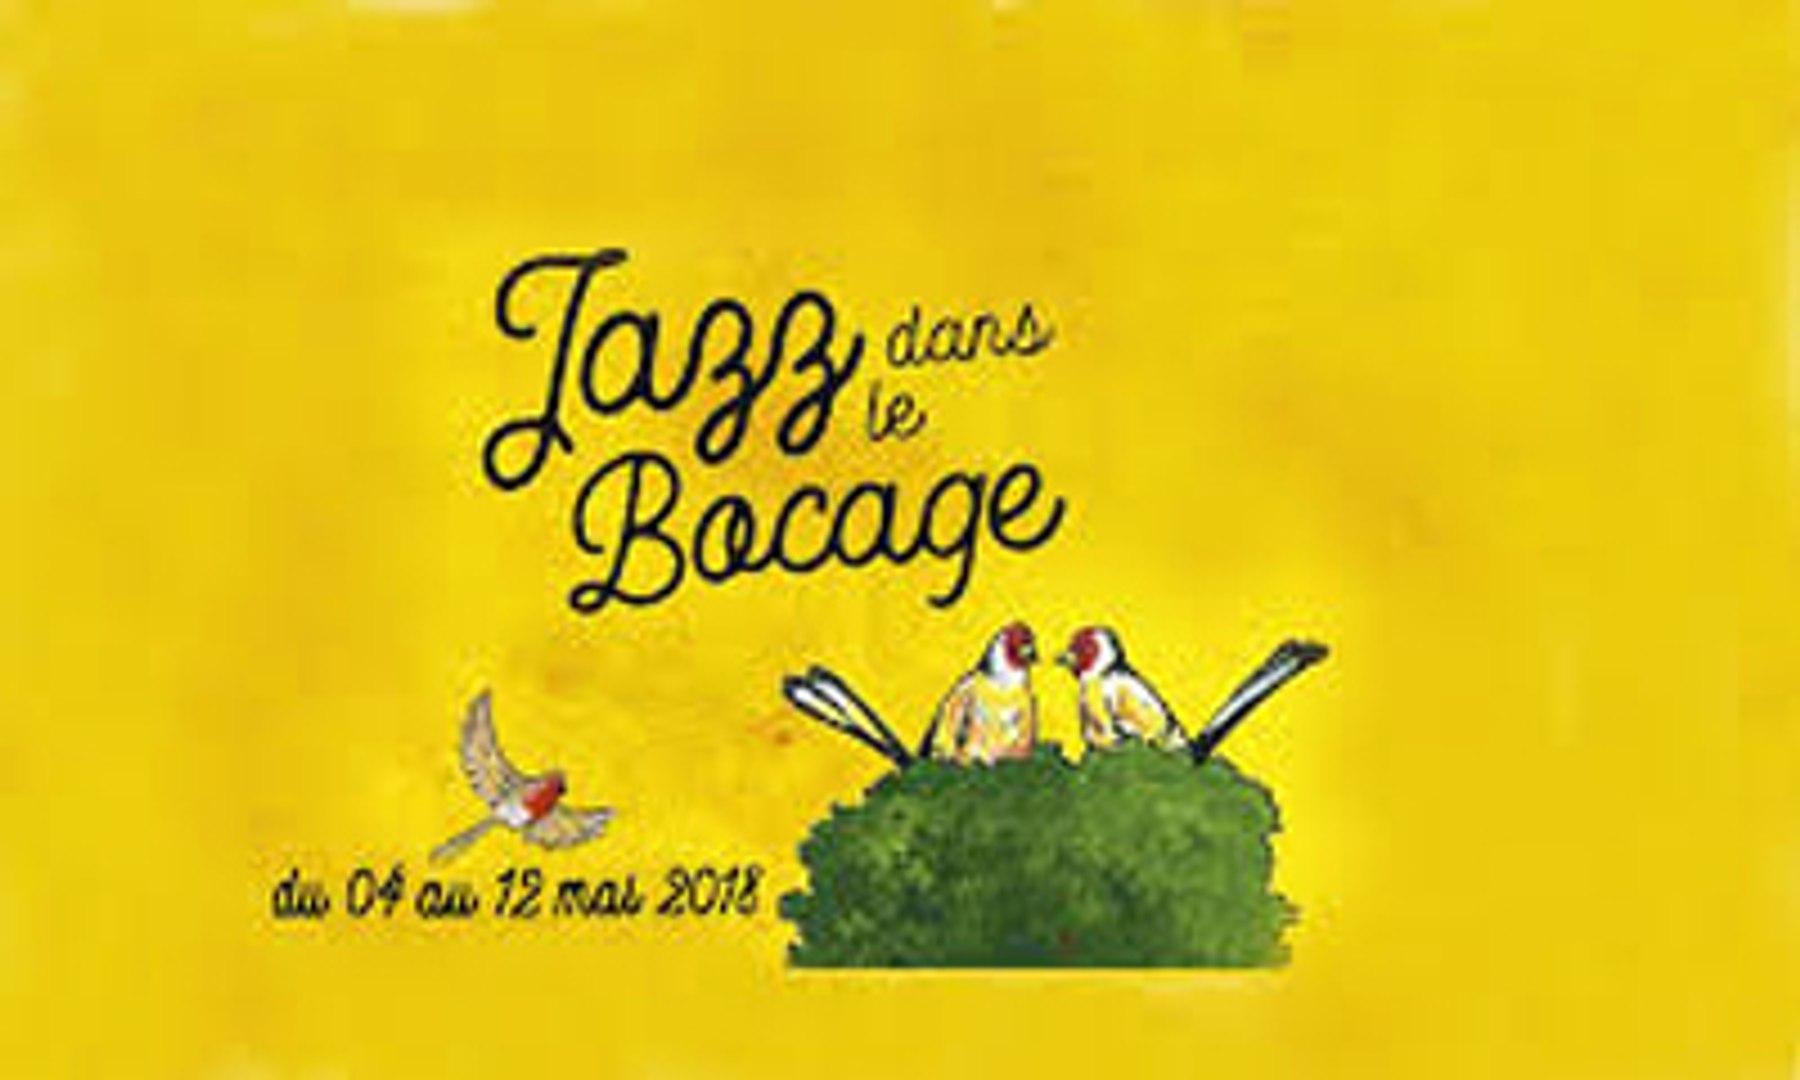 LIVE~2018!!! jazz dans le bocage 2018 (((STREAM))) | at Tronget, France